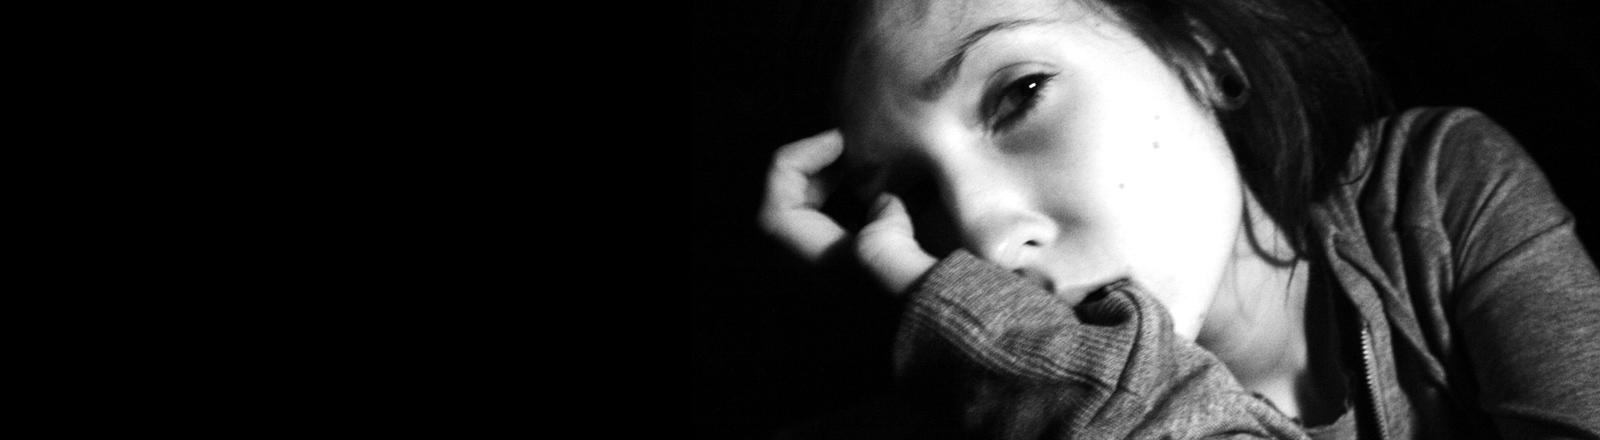 Eine traurige Frau